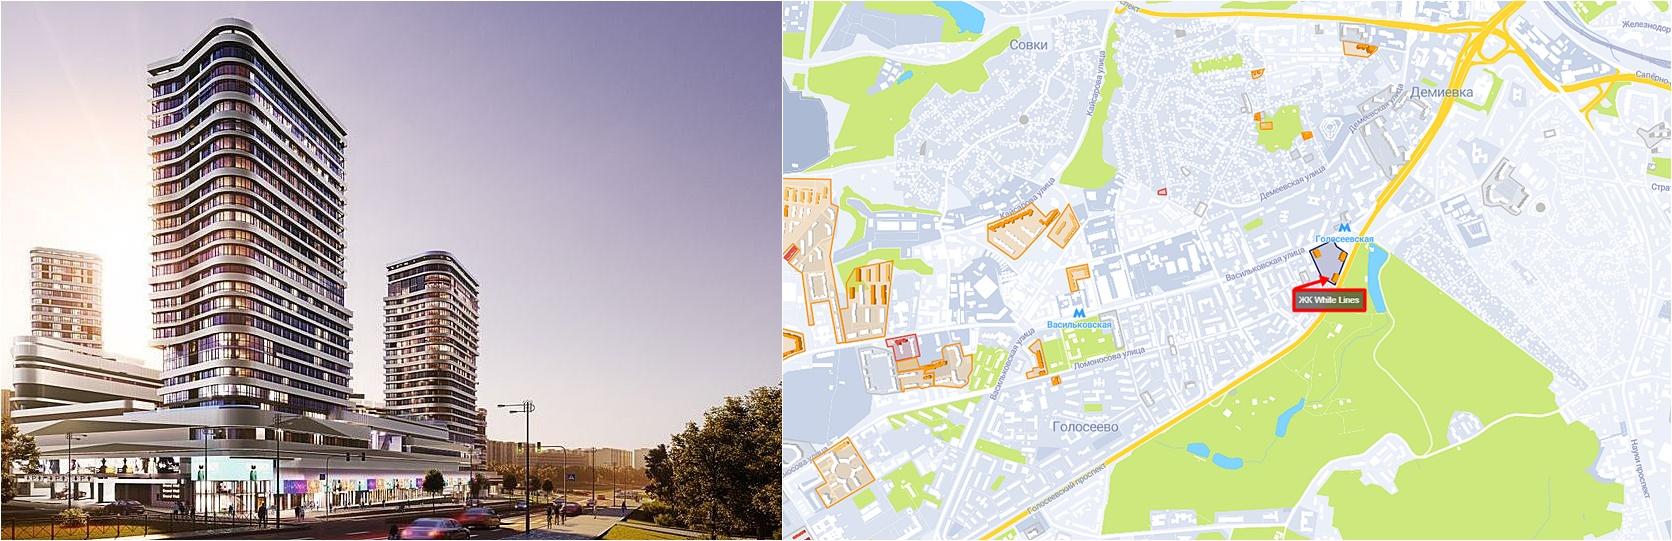 ЖК Вайт Лайнз визуализация и на карте